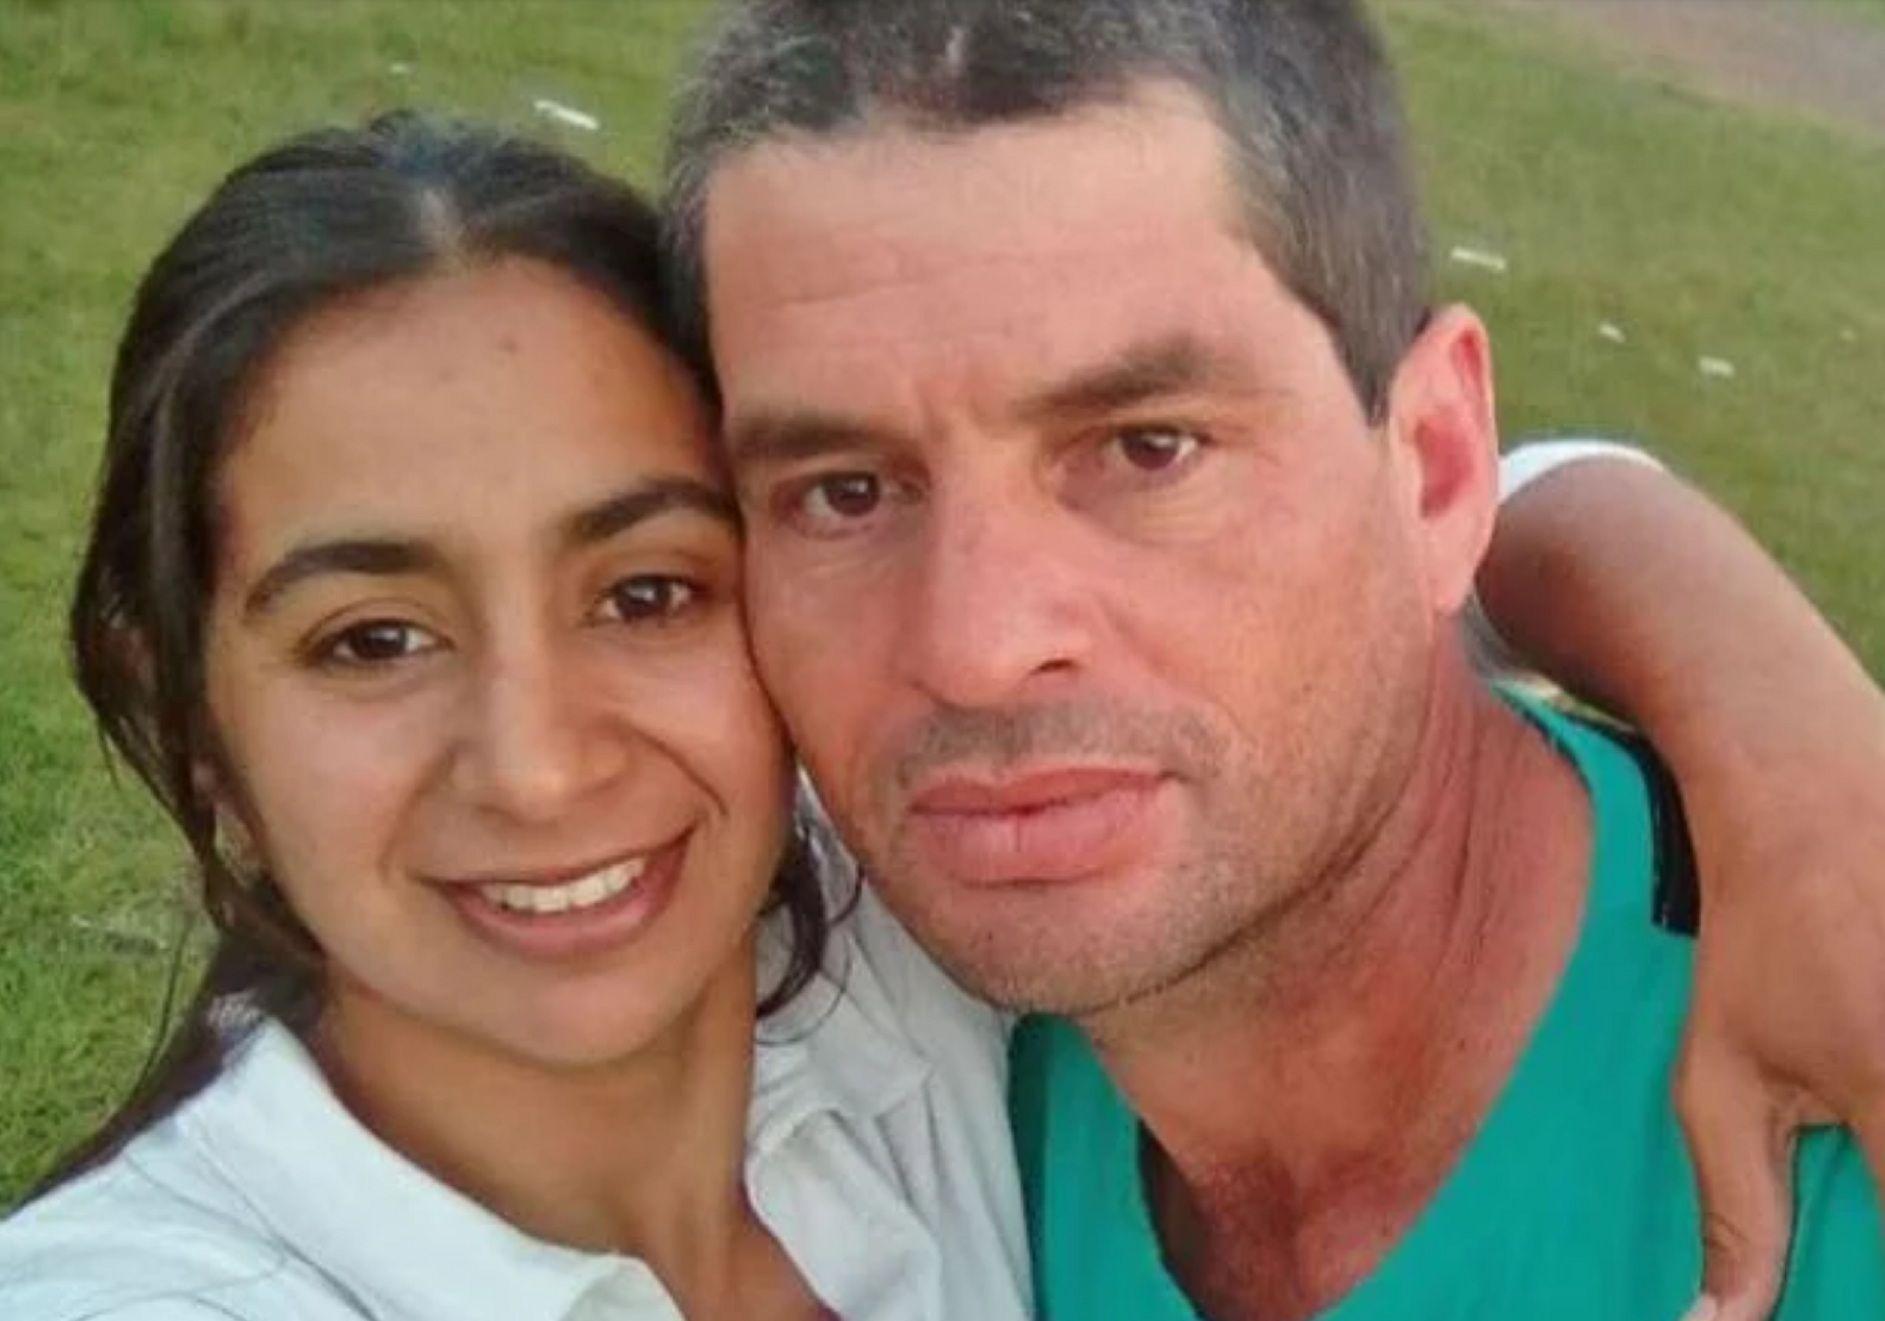 Murió una beba que había nacido tras el femicidio de su mamá en Entre Ríos